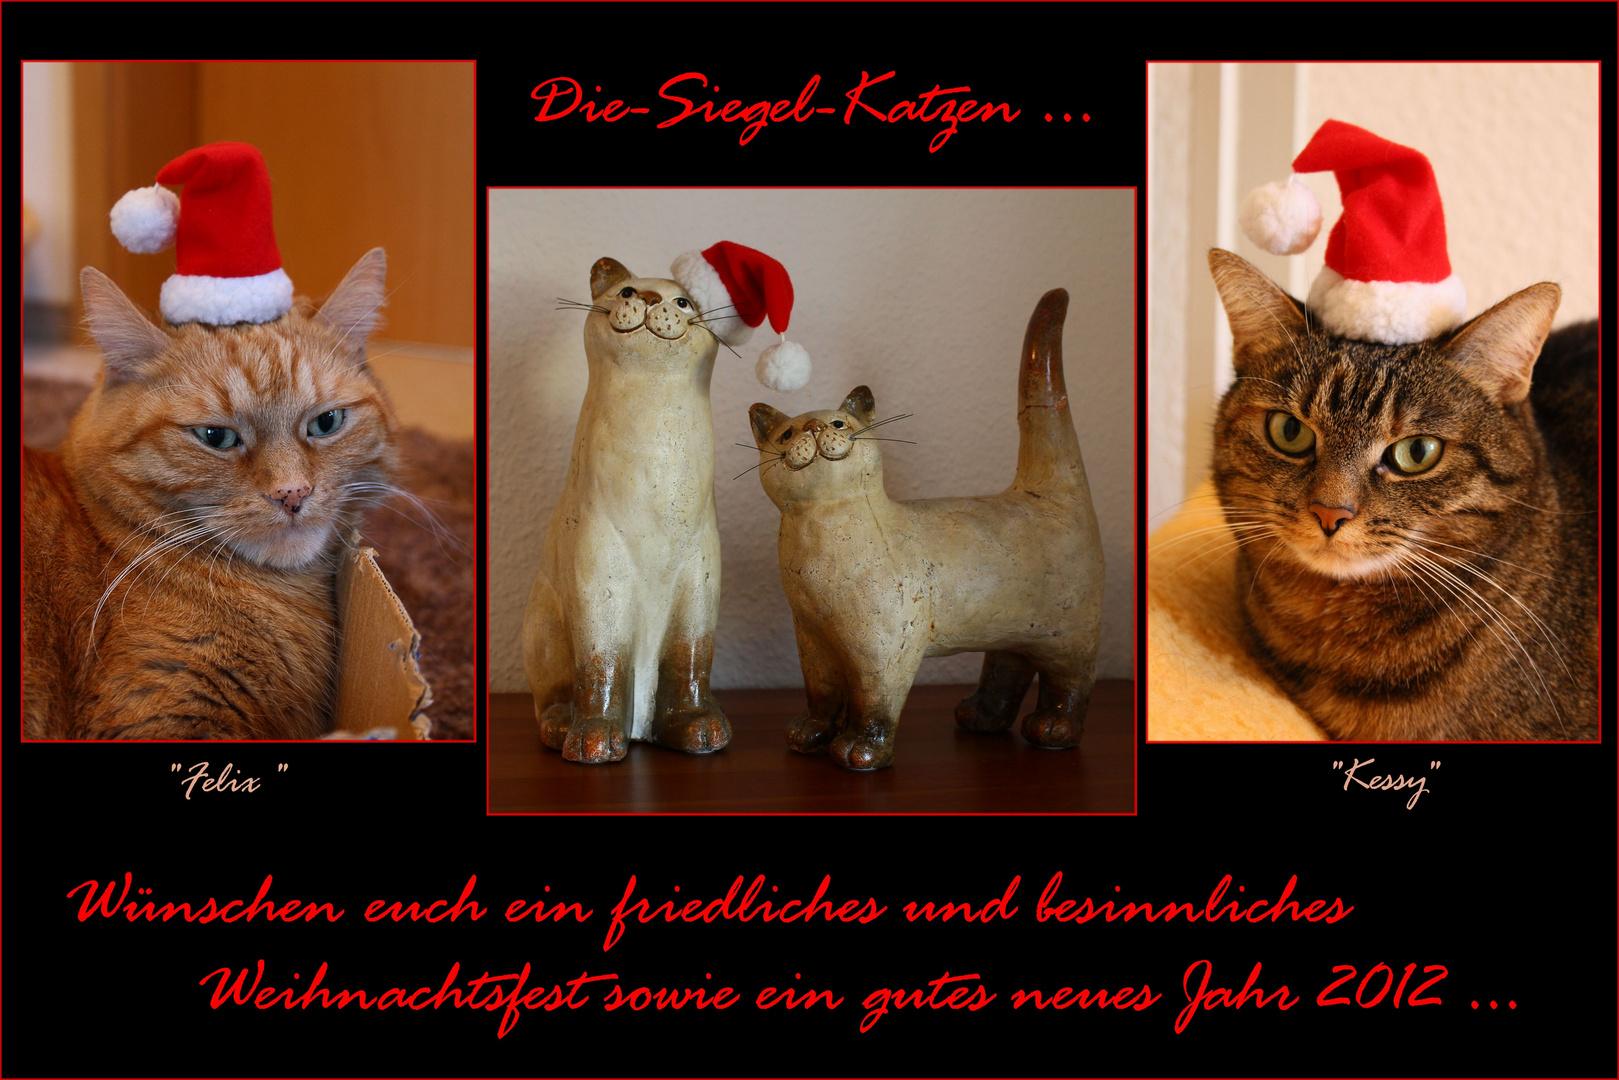 Frohe Weihnachten Katze.Frohe Weihnachten Foto Bild Tiere Haustiere Katzen Bilder